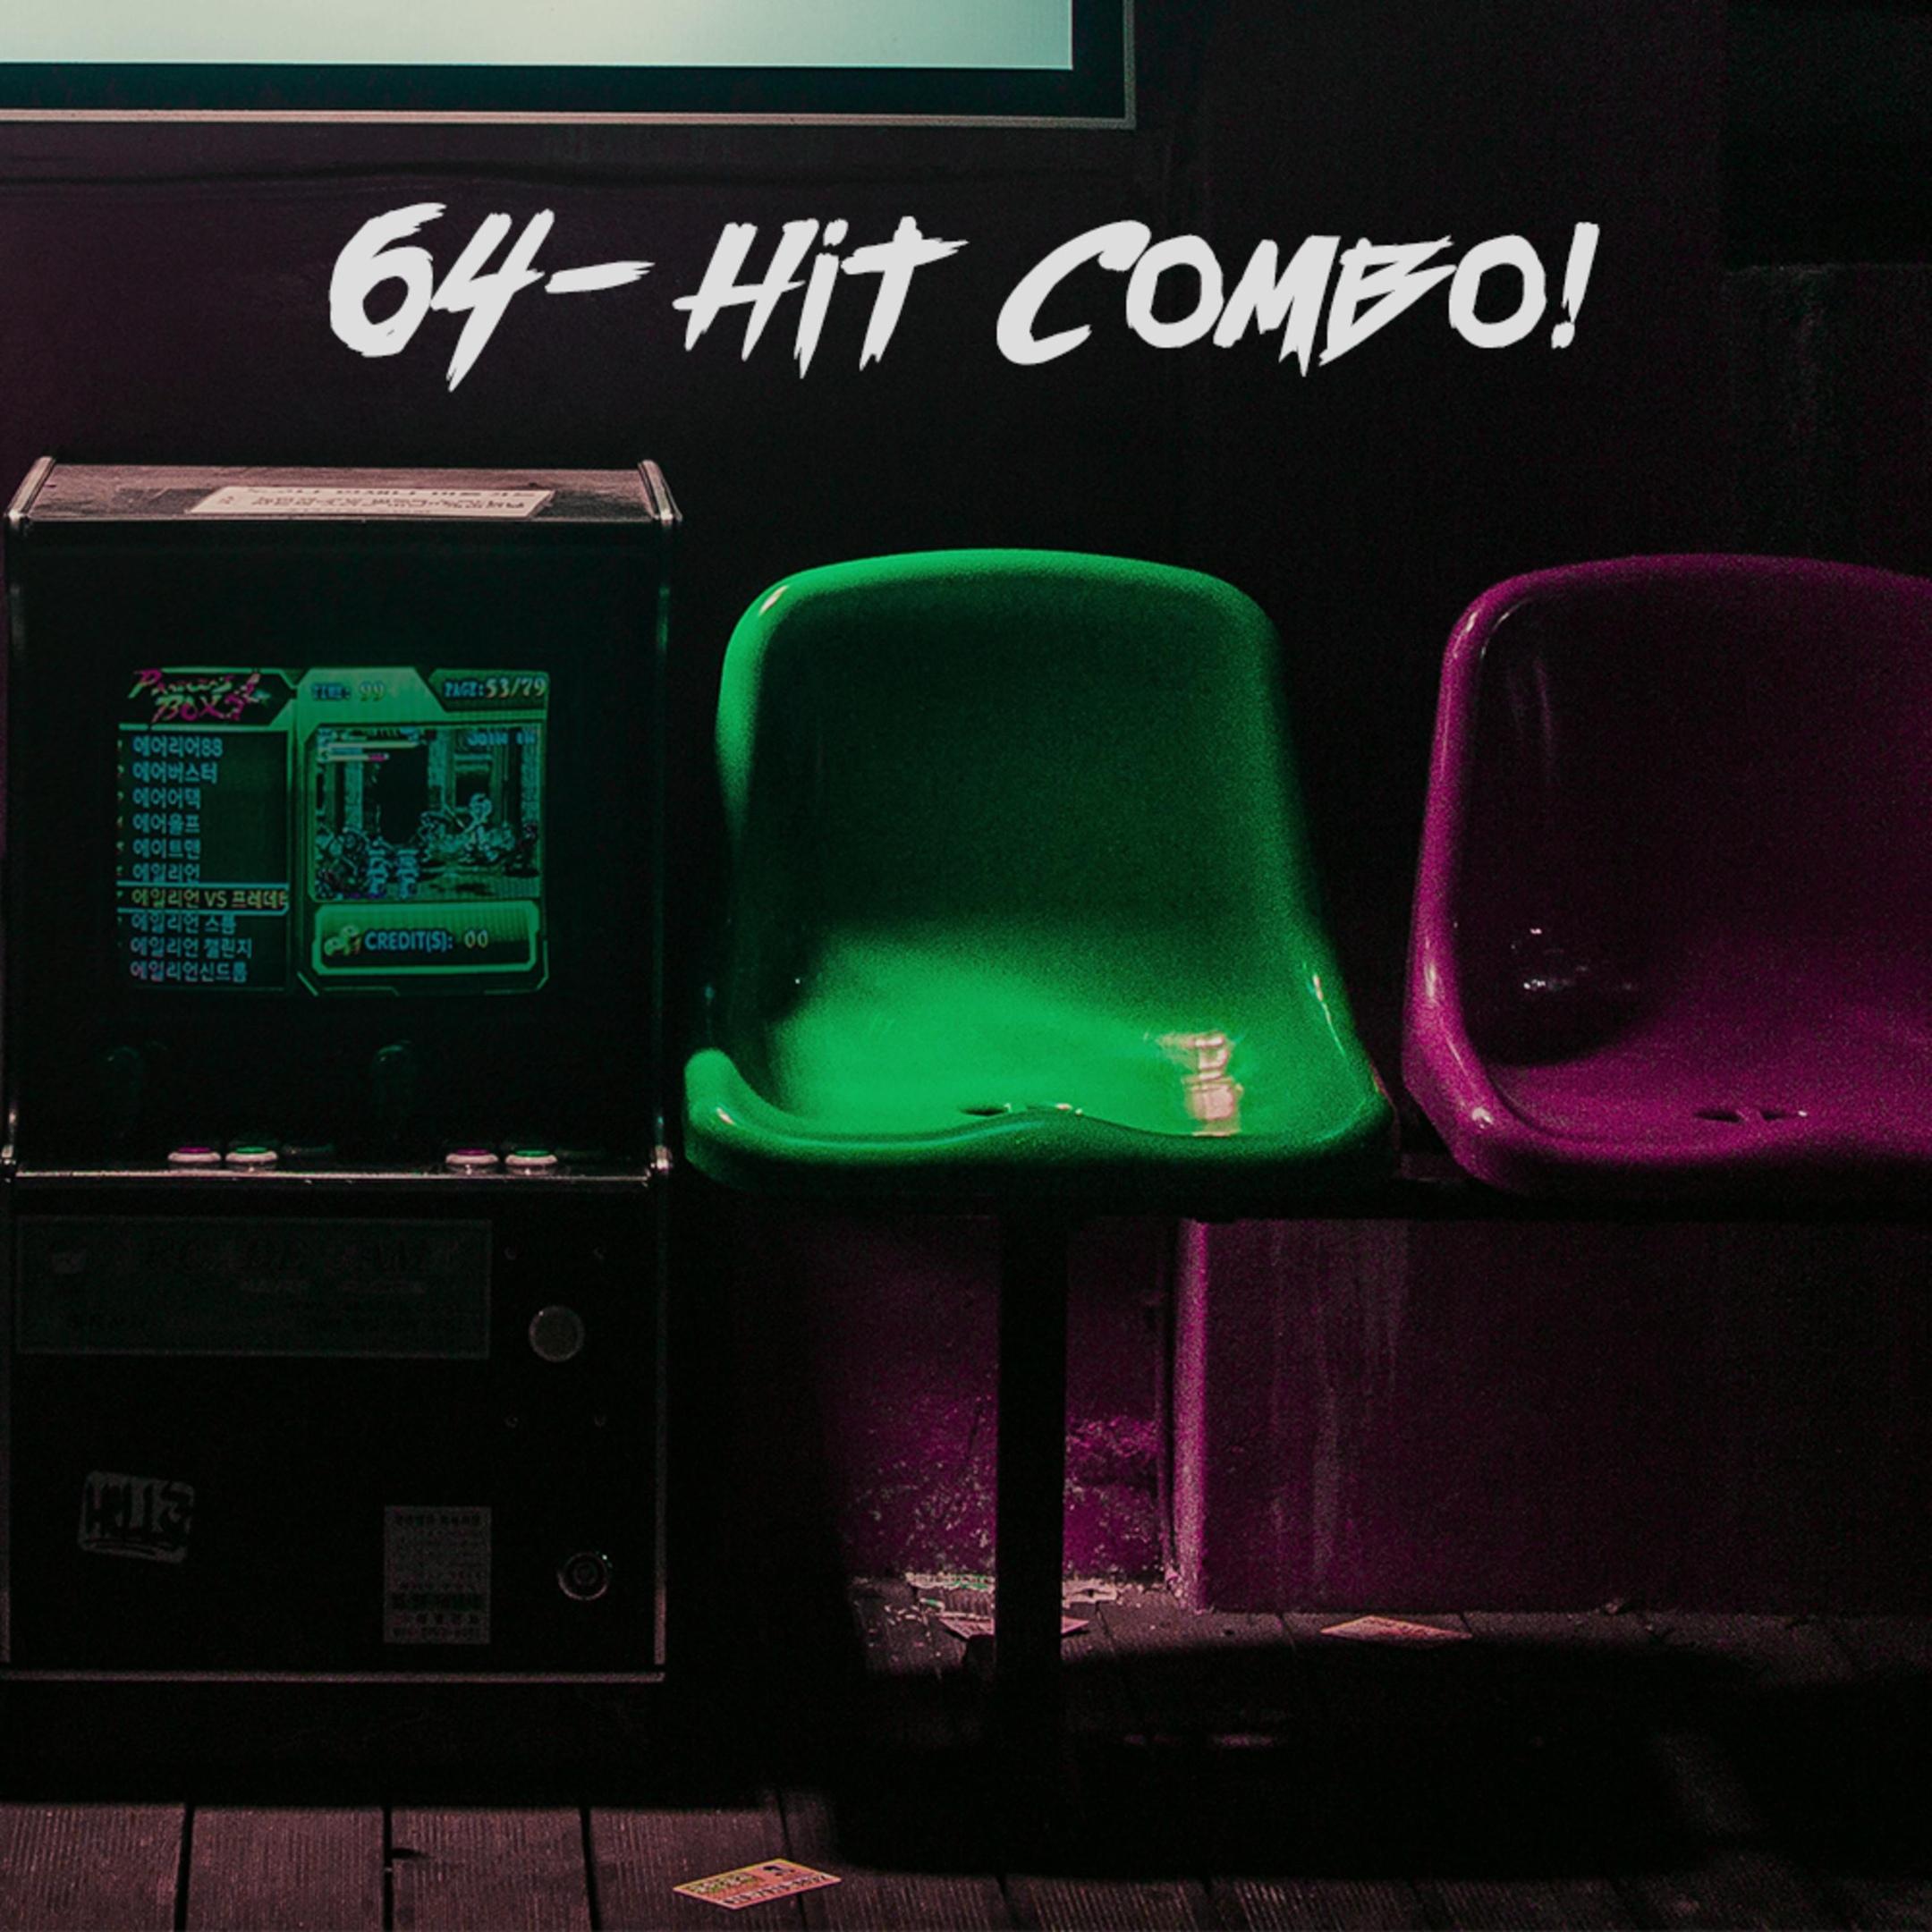 64-Hit Combo! - 64-Hit Combo! [EP] (2018)